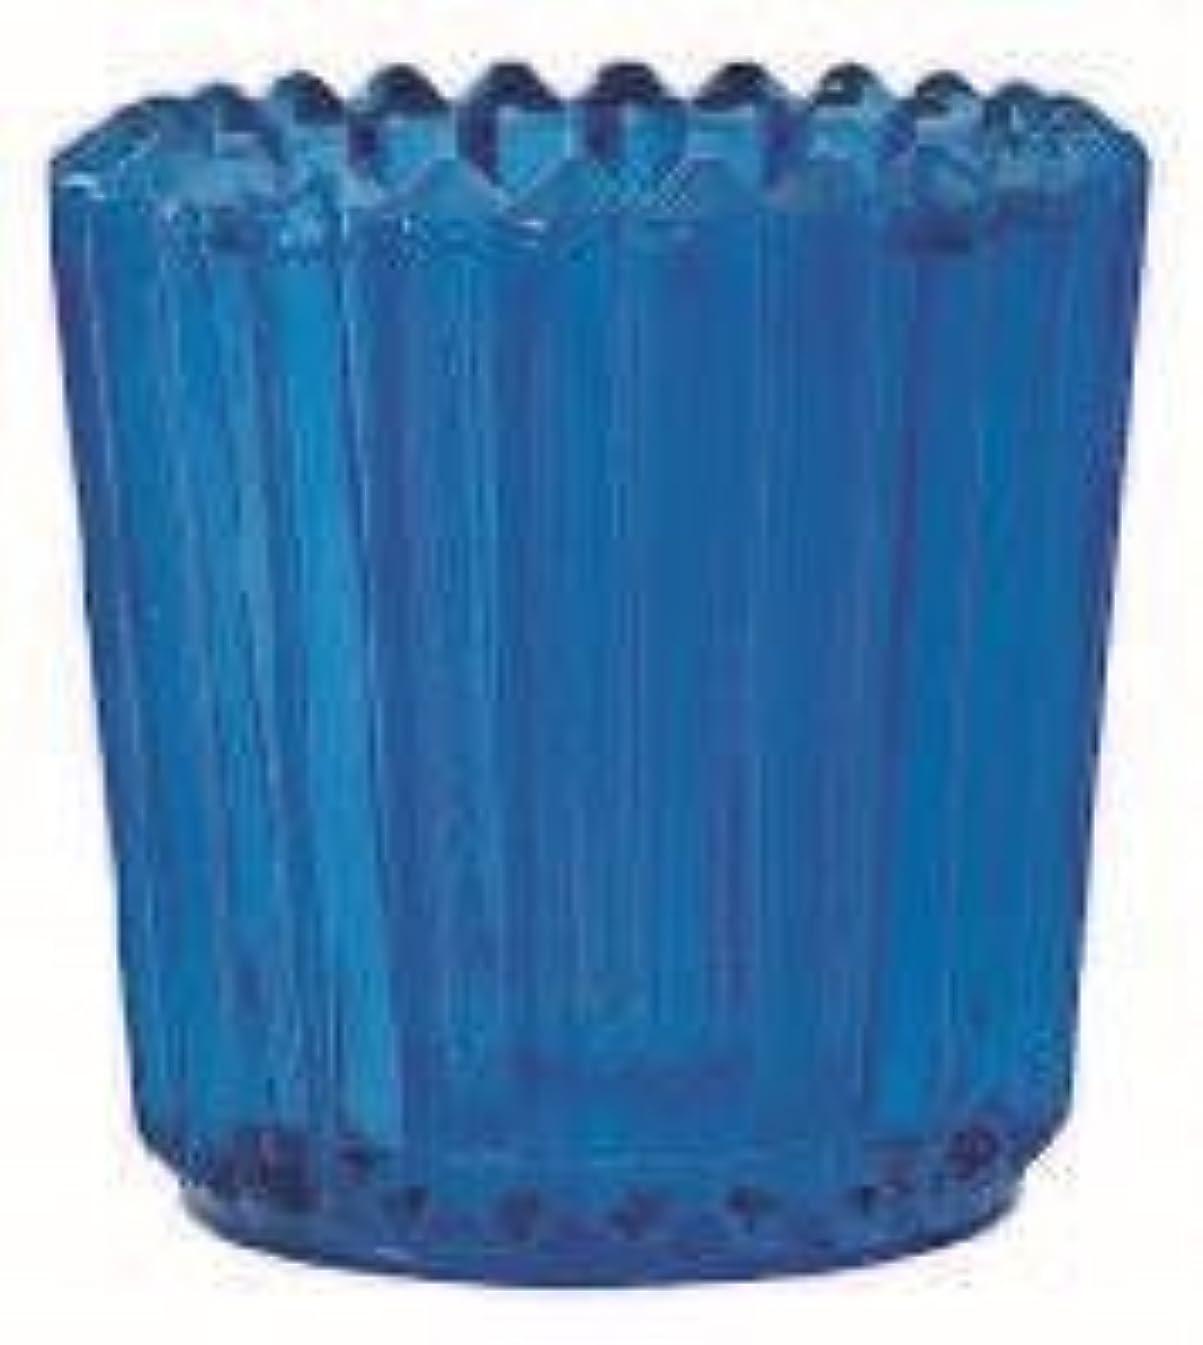 メダル病気の偽造kameyama candle(カメヤマキャンドル) ソレイユ 「 ブルー 」(J5120000BL)